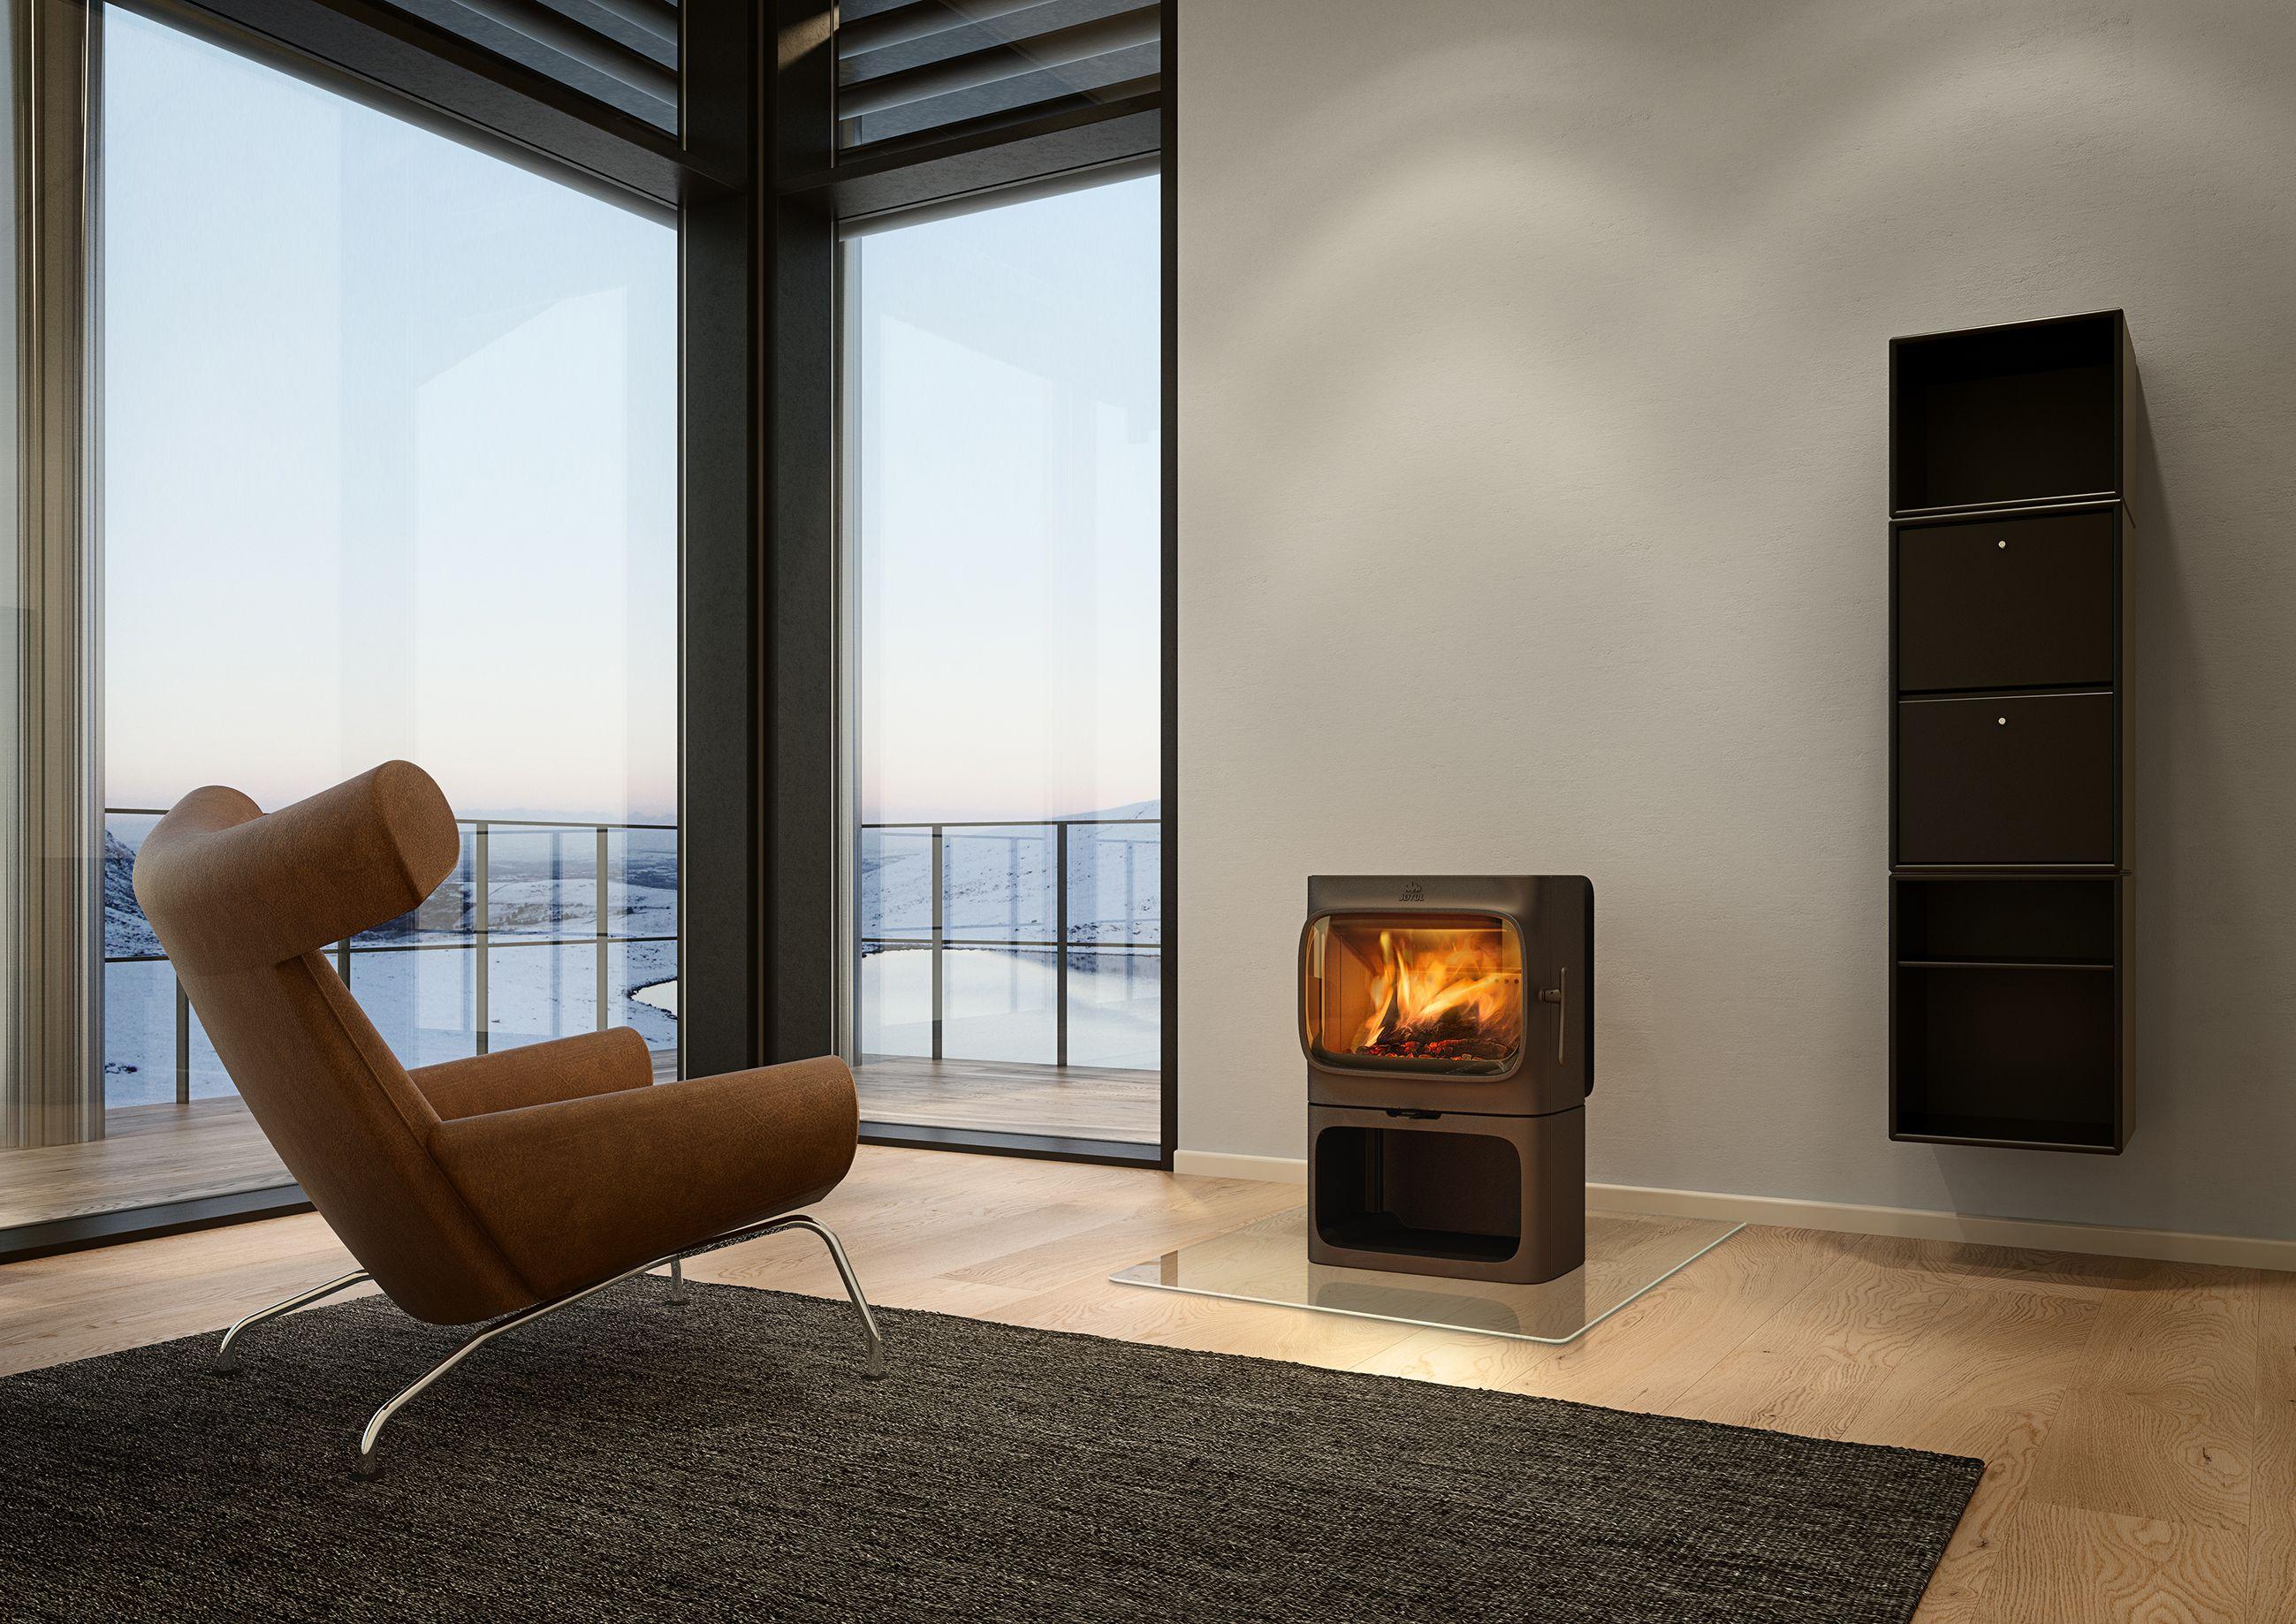 Der Jotul F 305 B hat einen soliden Sockel in dem unter der großen Brennkammer das Holz gelagert werden kann. Freier Blick auf das Feuer durch große verglaste Tür, hinter der auch der Aschenkasten platziert ist.